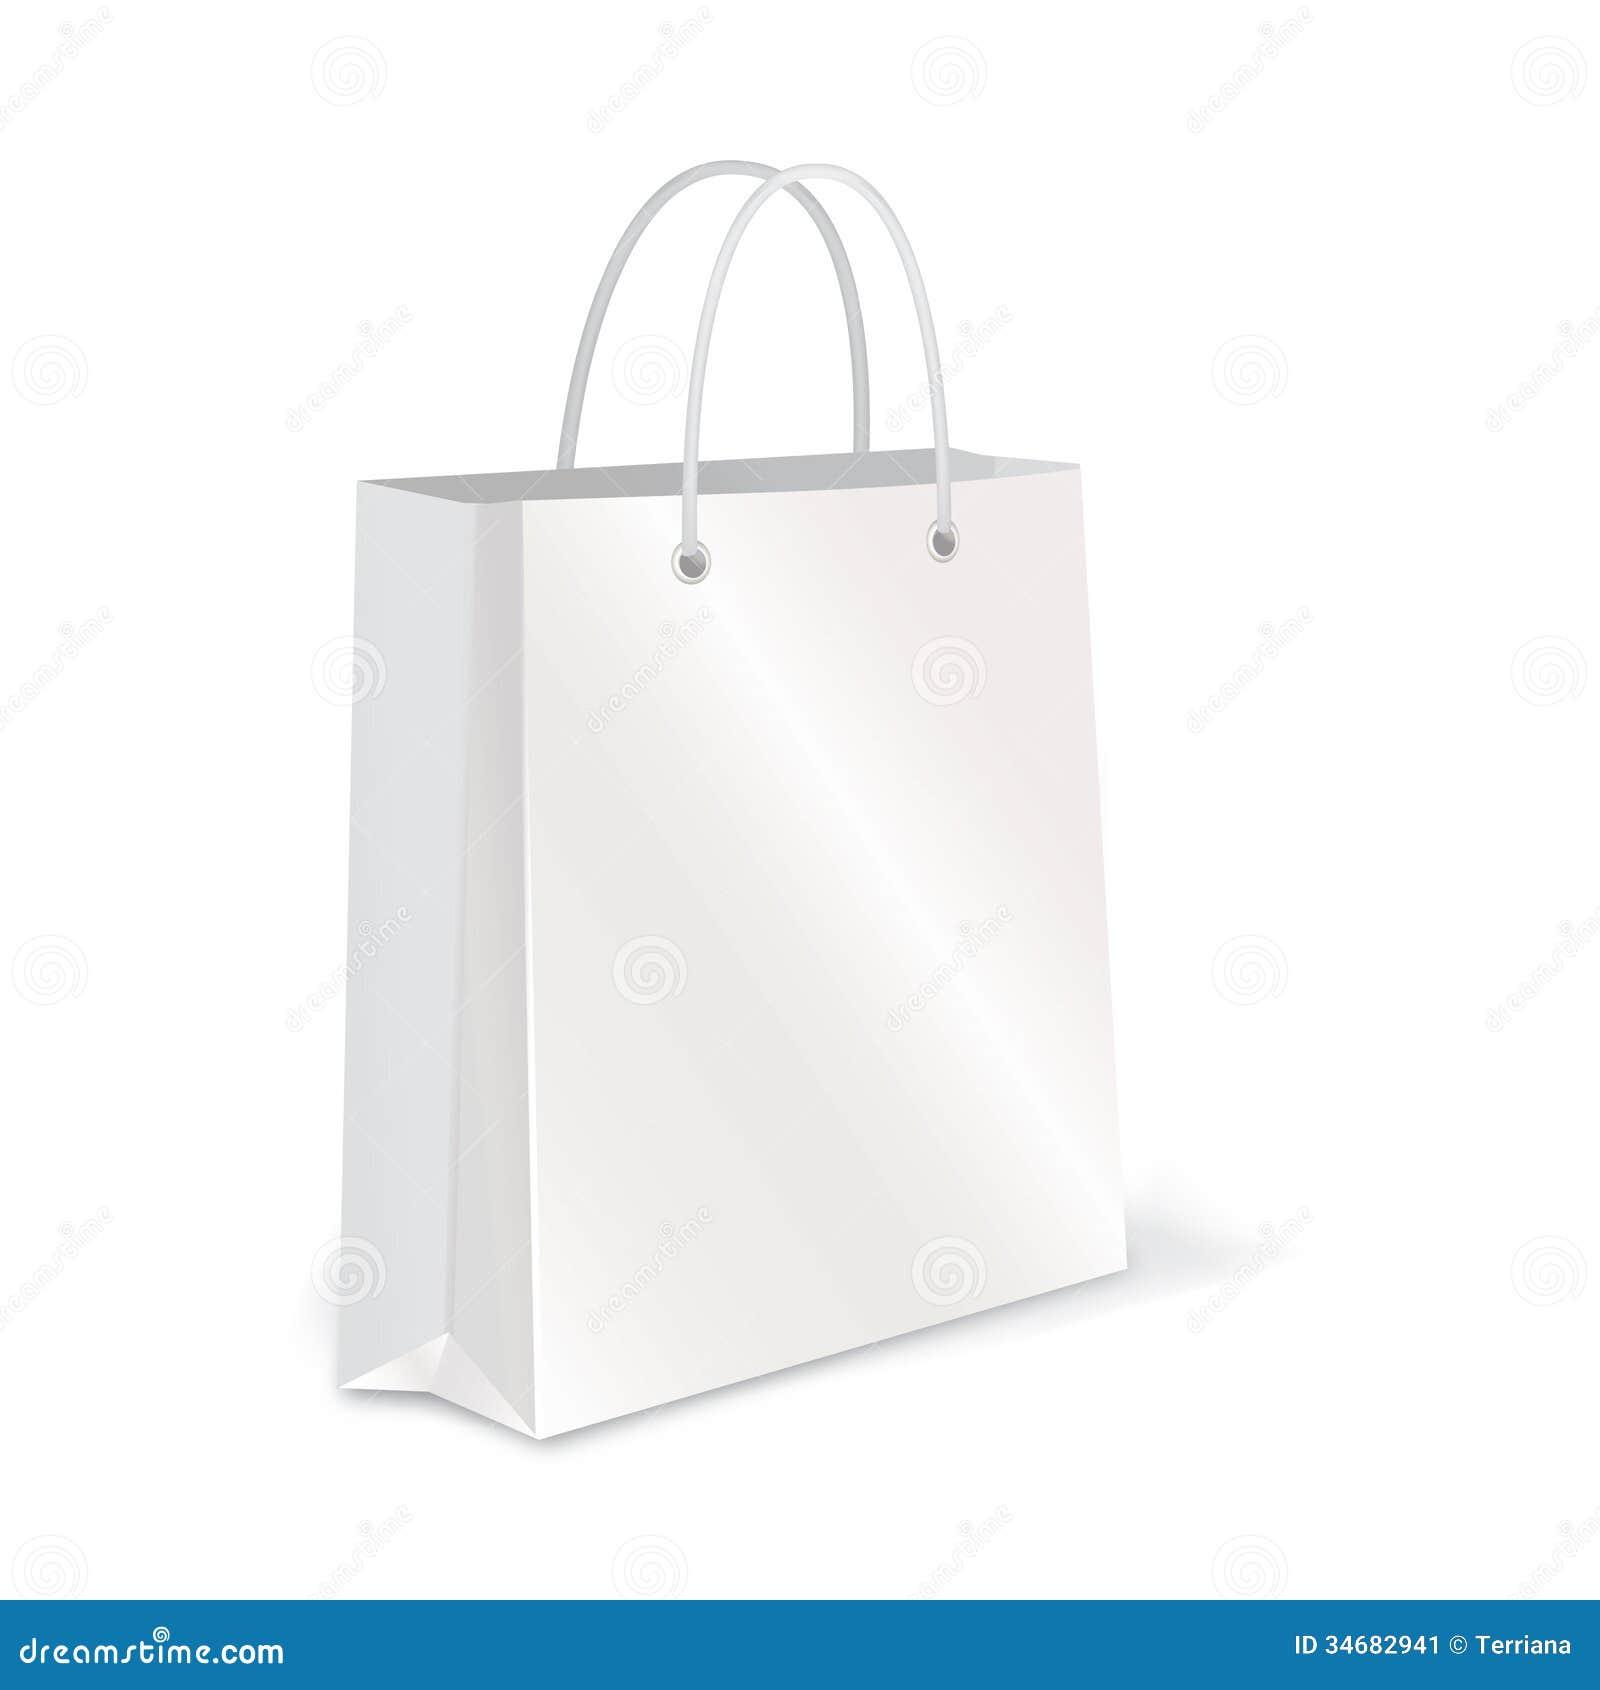 Empty Shopping Bag Set On White For Branding Stock Images - Image ...